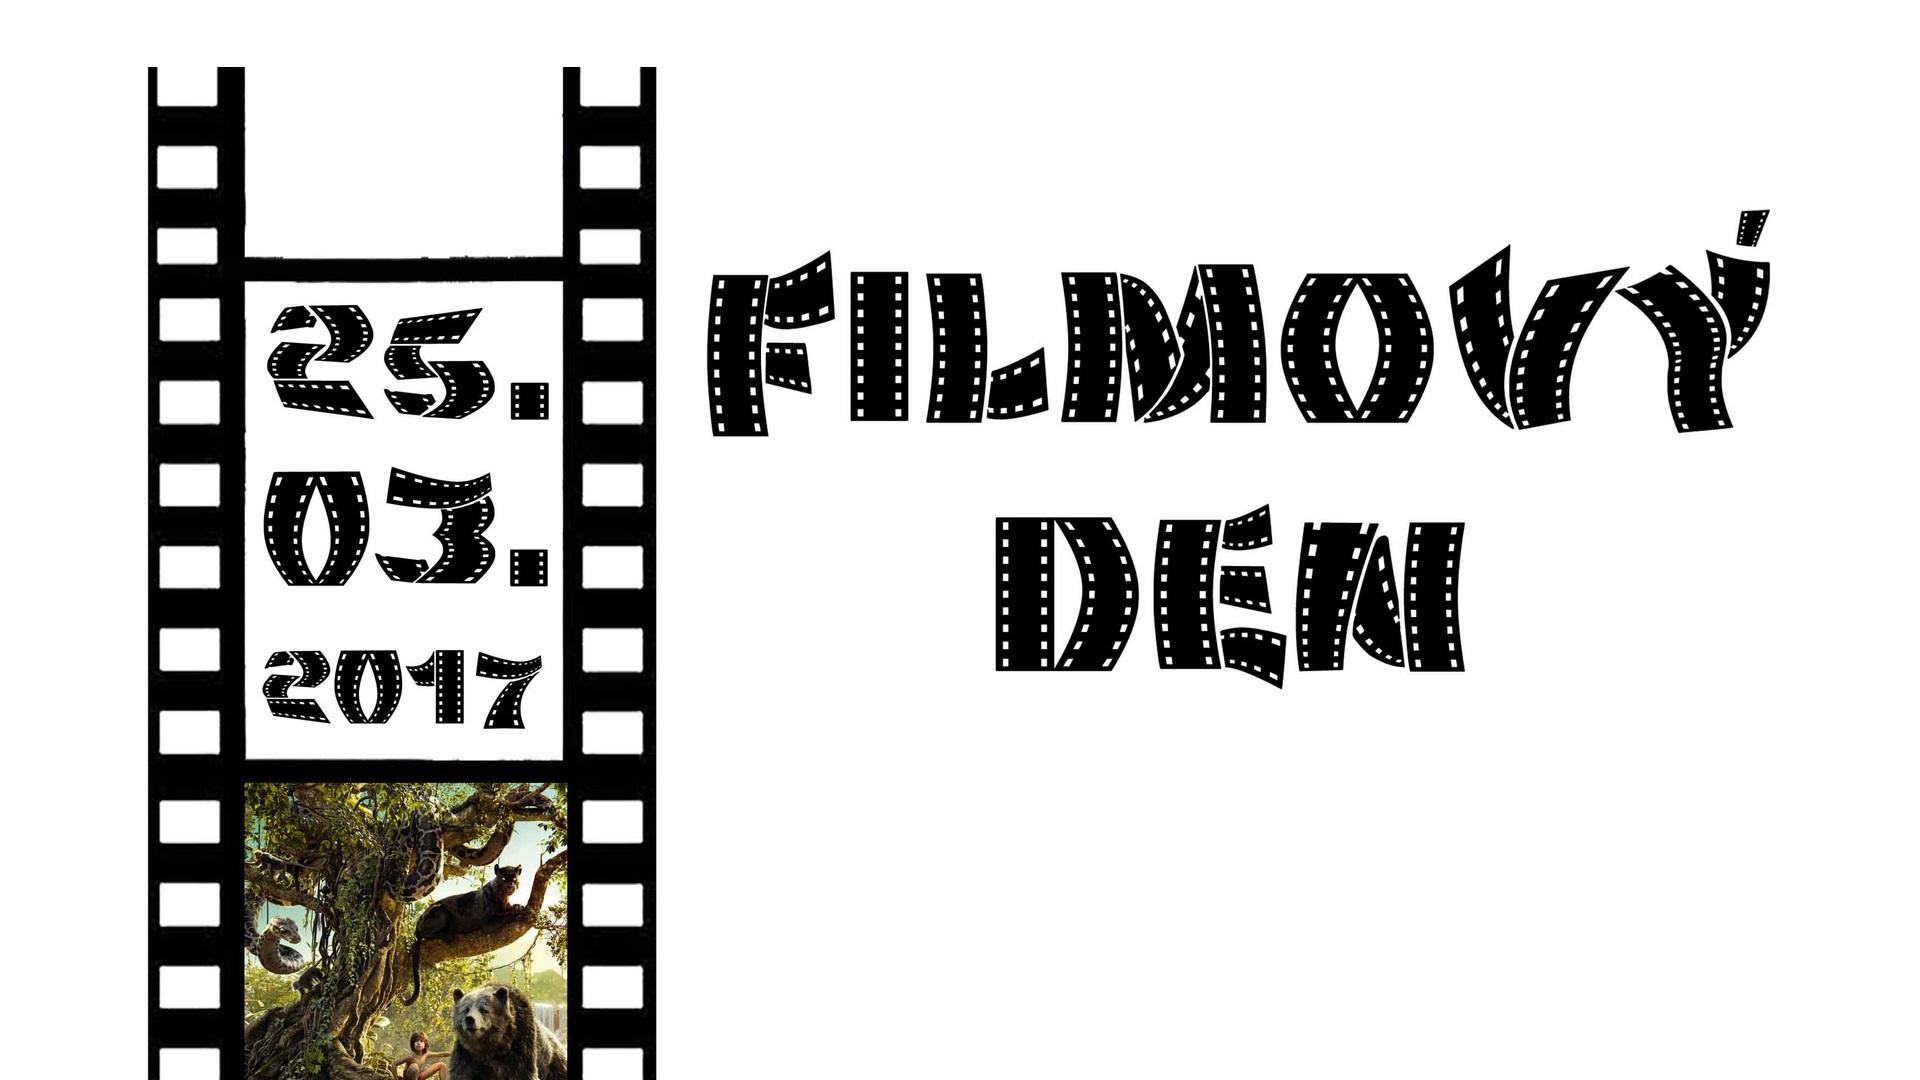 Archiv obce - Filmový den v Tiché 25.3.2017